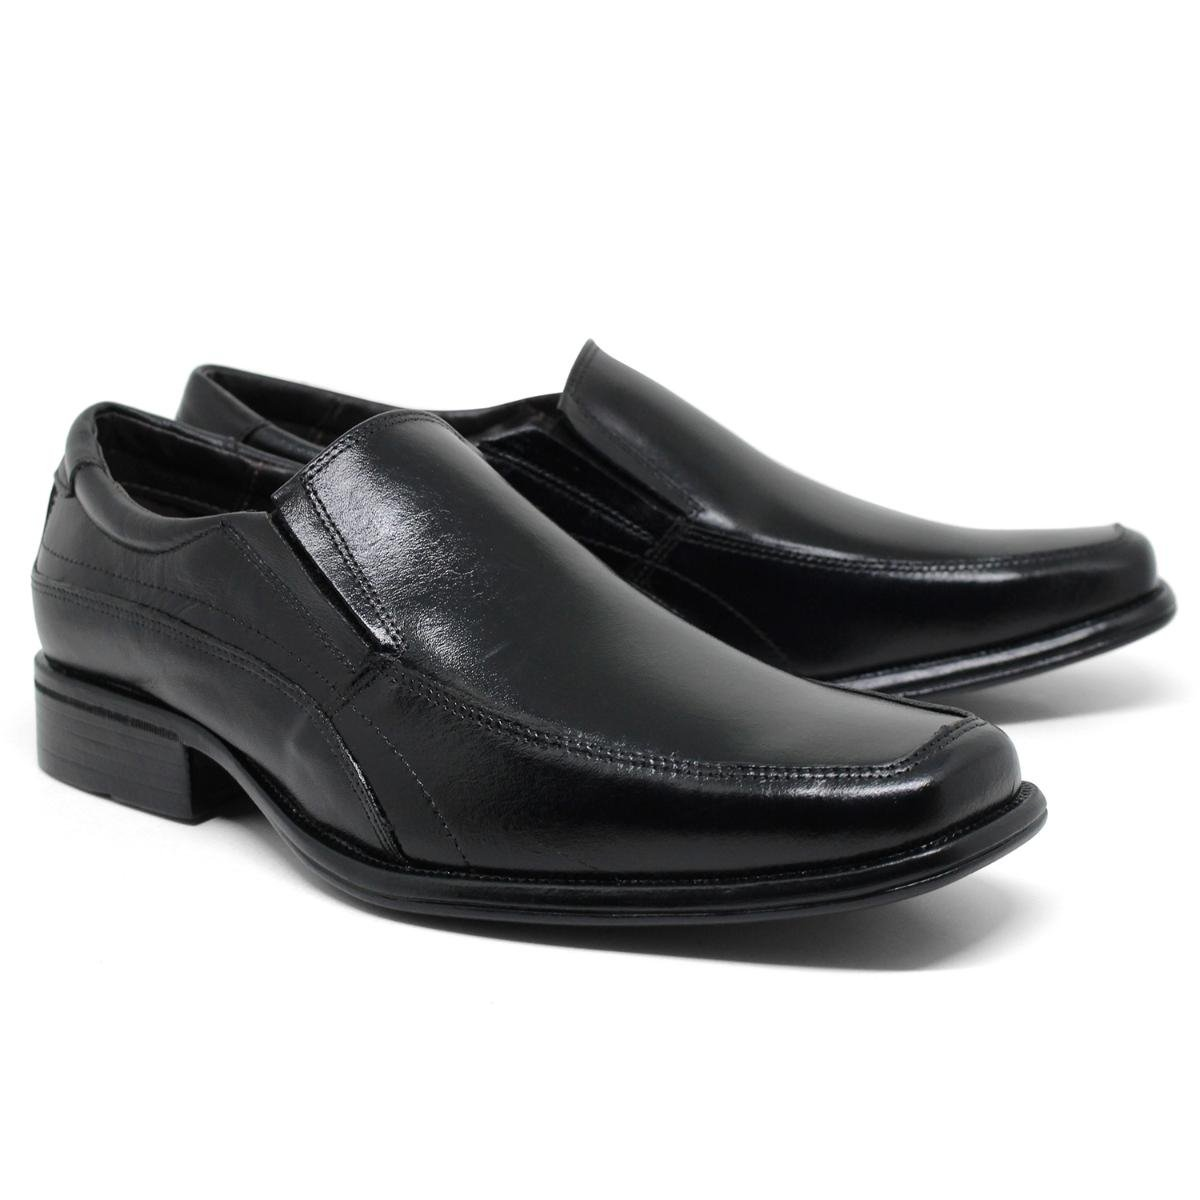 1b9ecd195f Sapato Social Couro Euroshoes Masculino - Compre Agora   Zattini